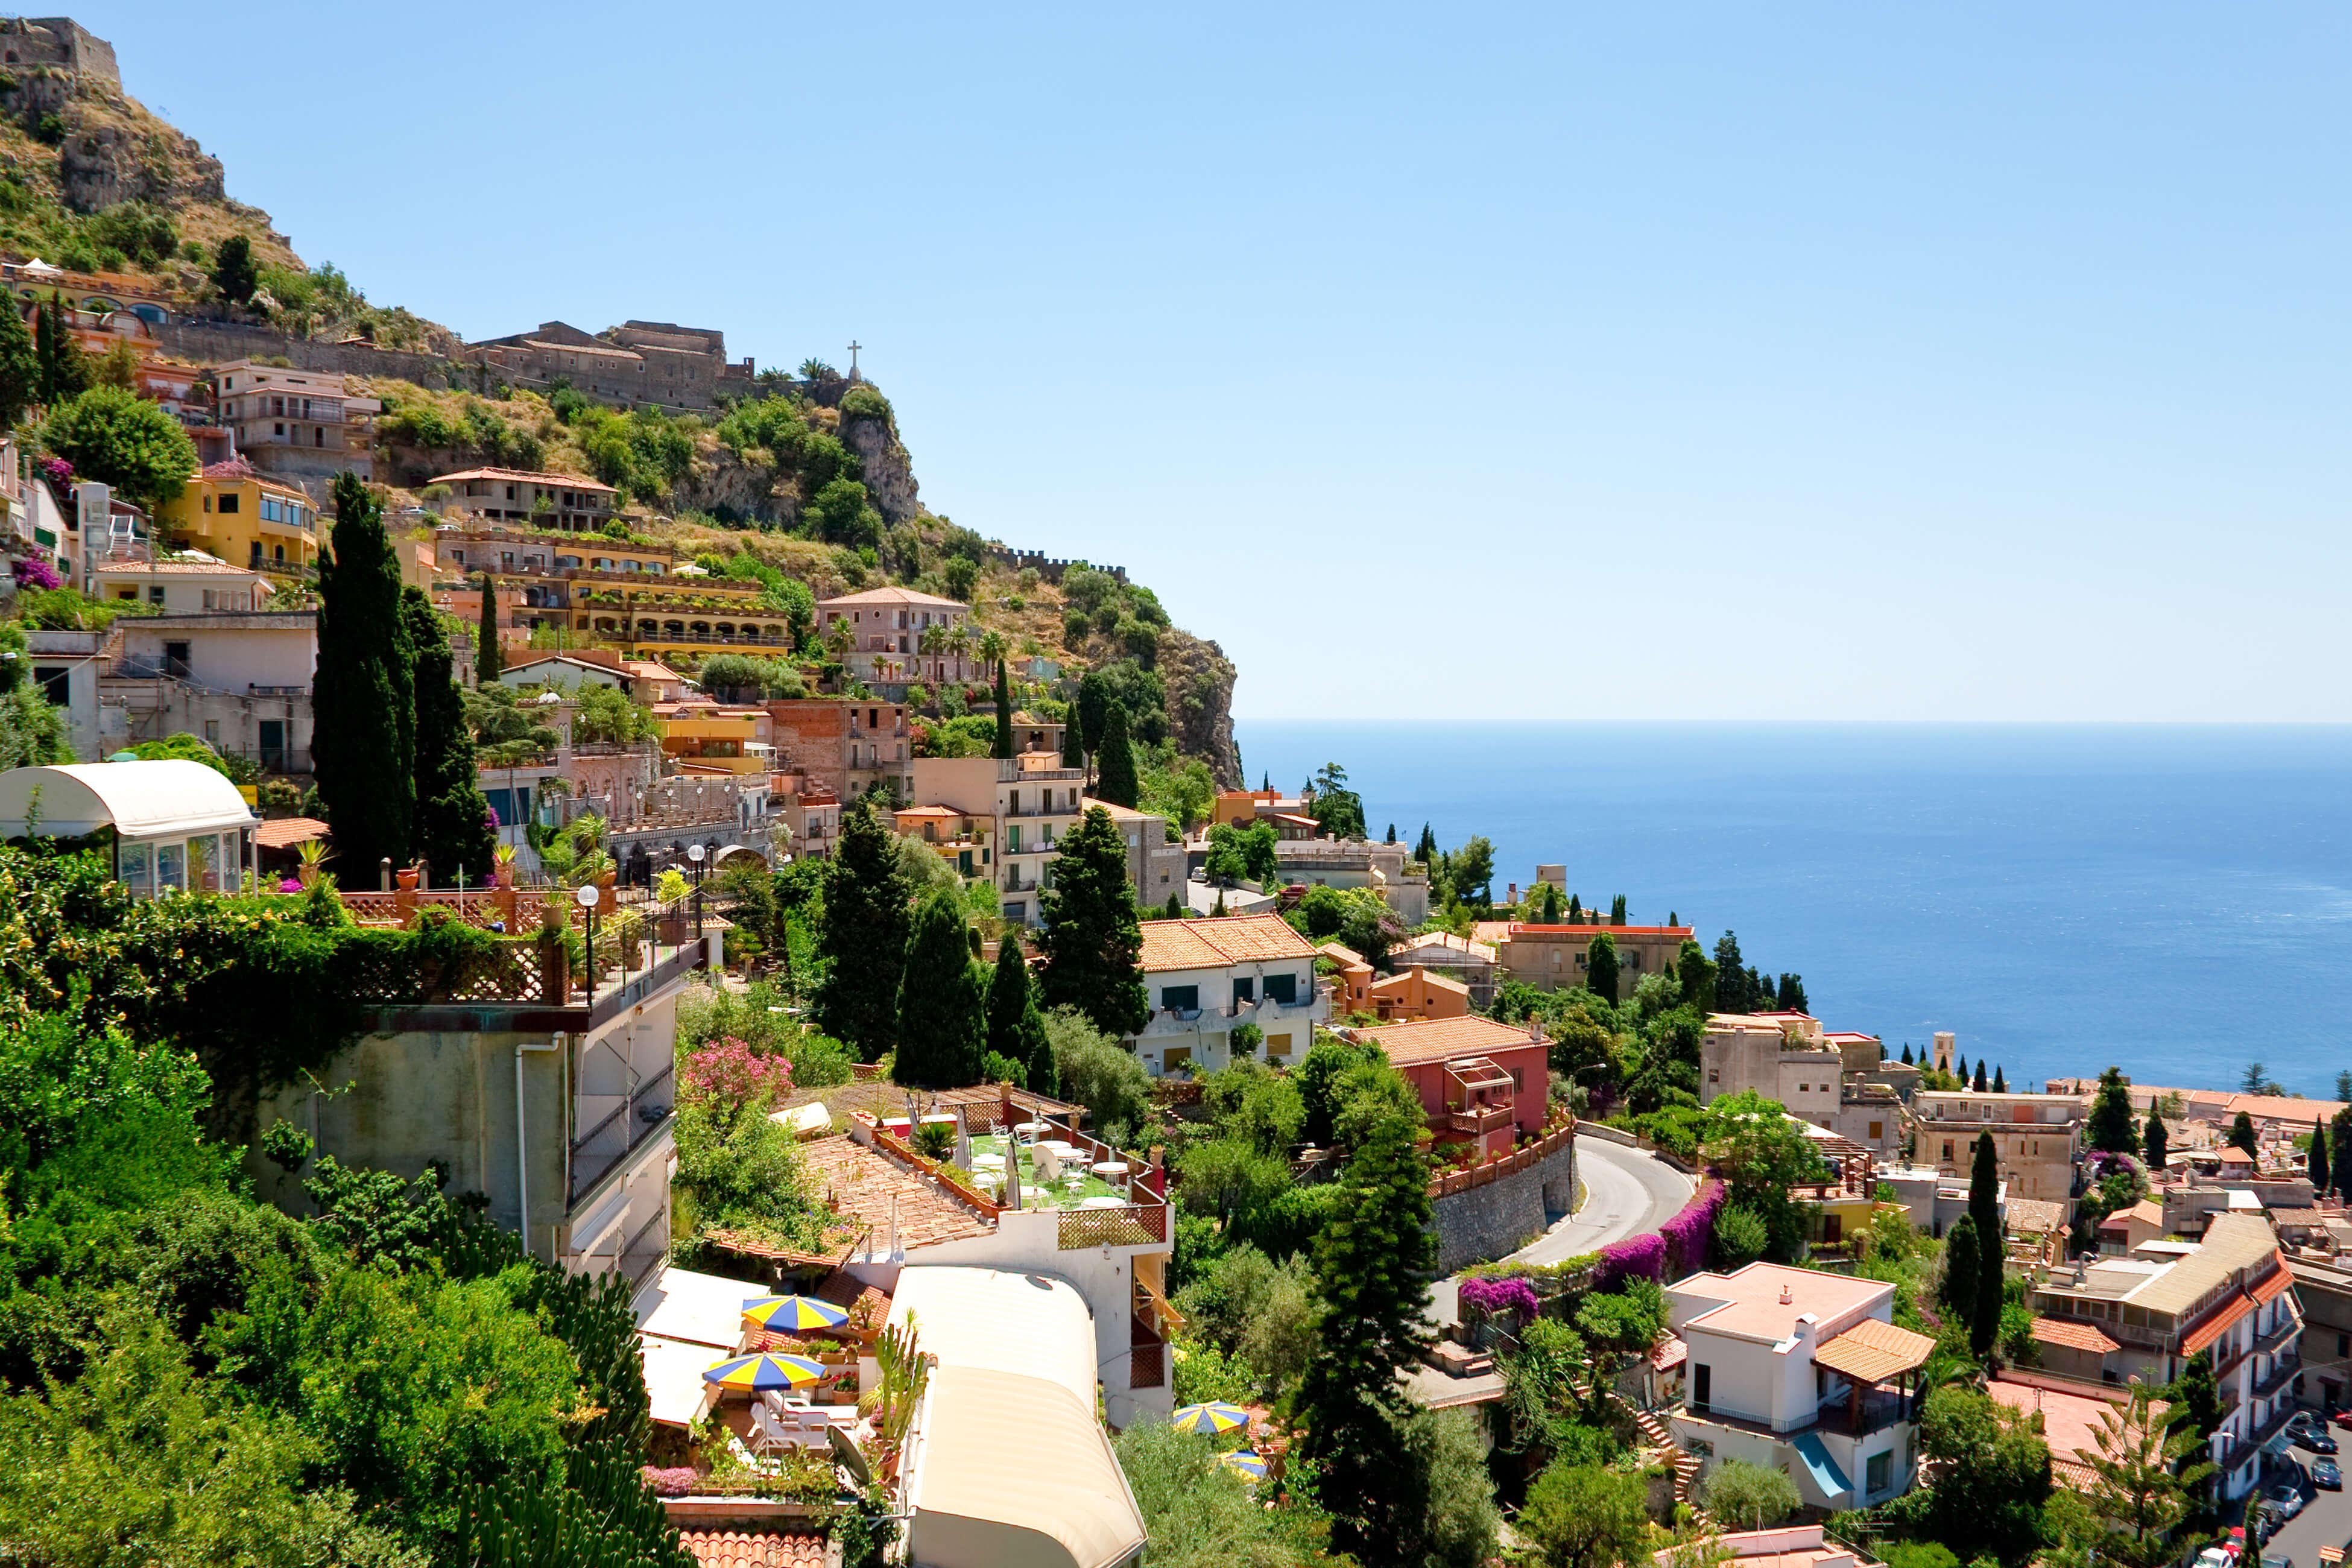 Sizilien: Eine der schönsten Inseln von Italien wartet auf Dich!